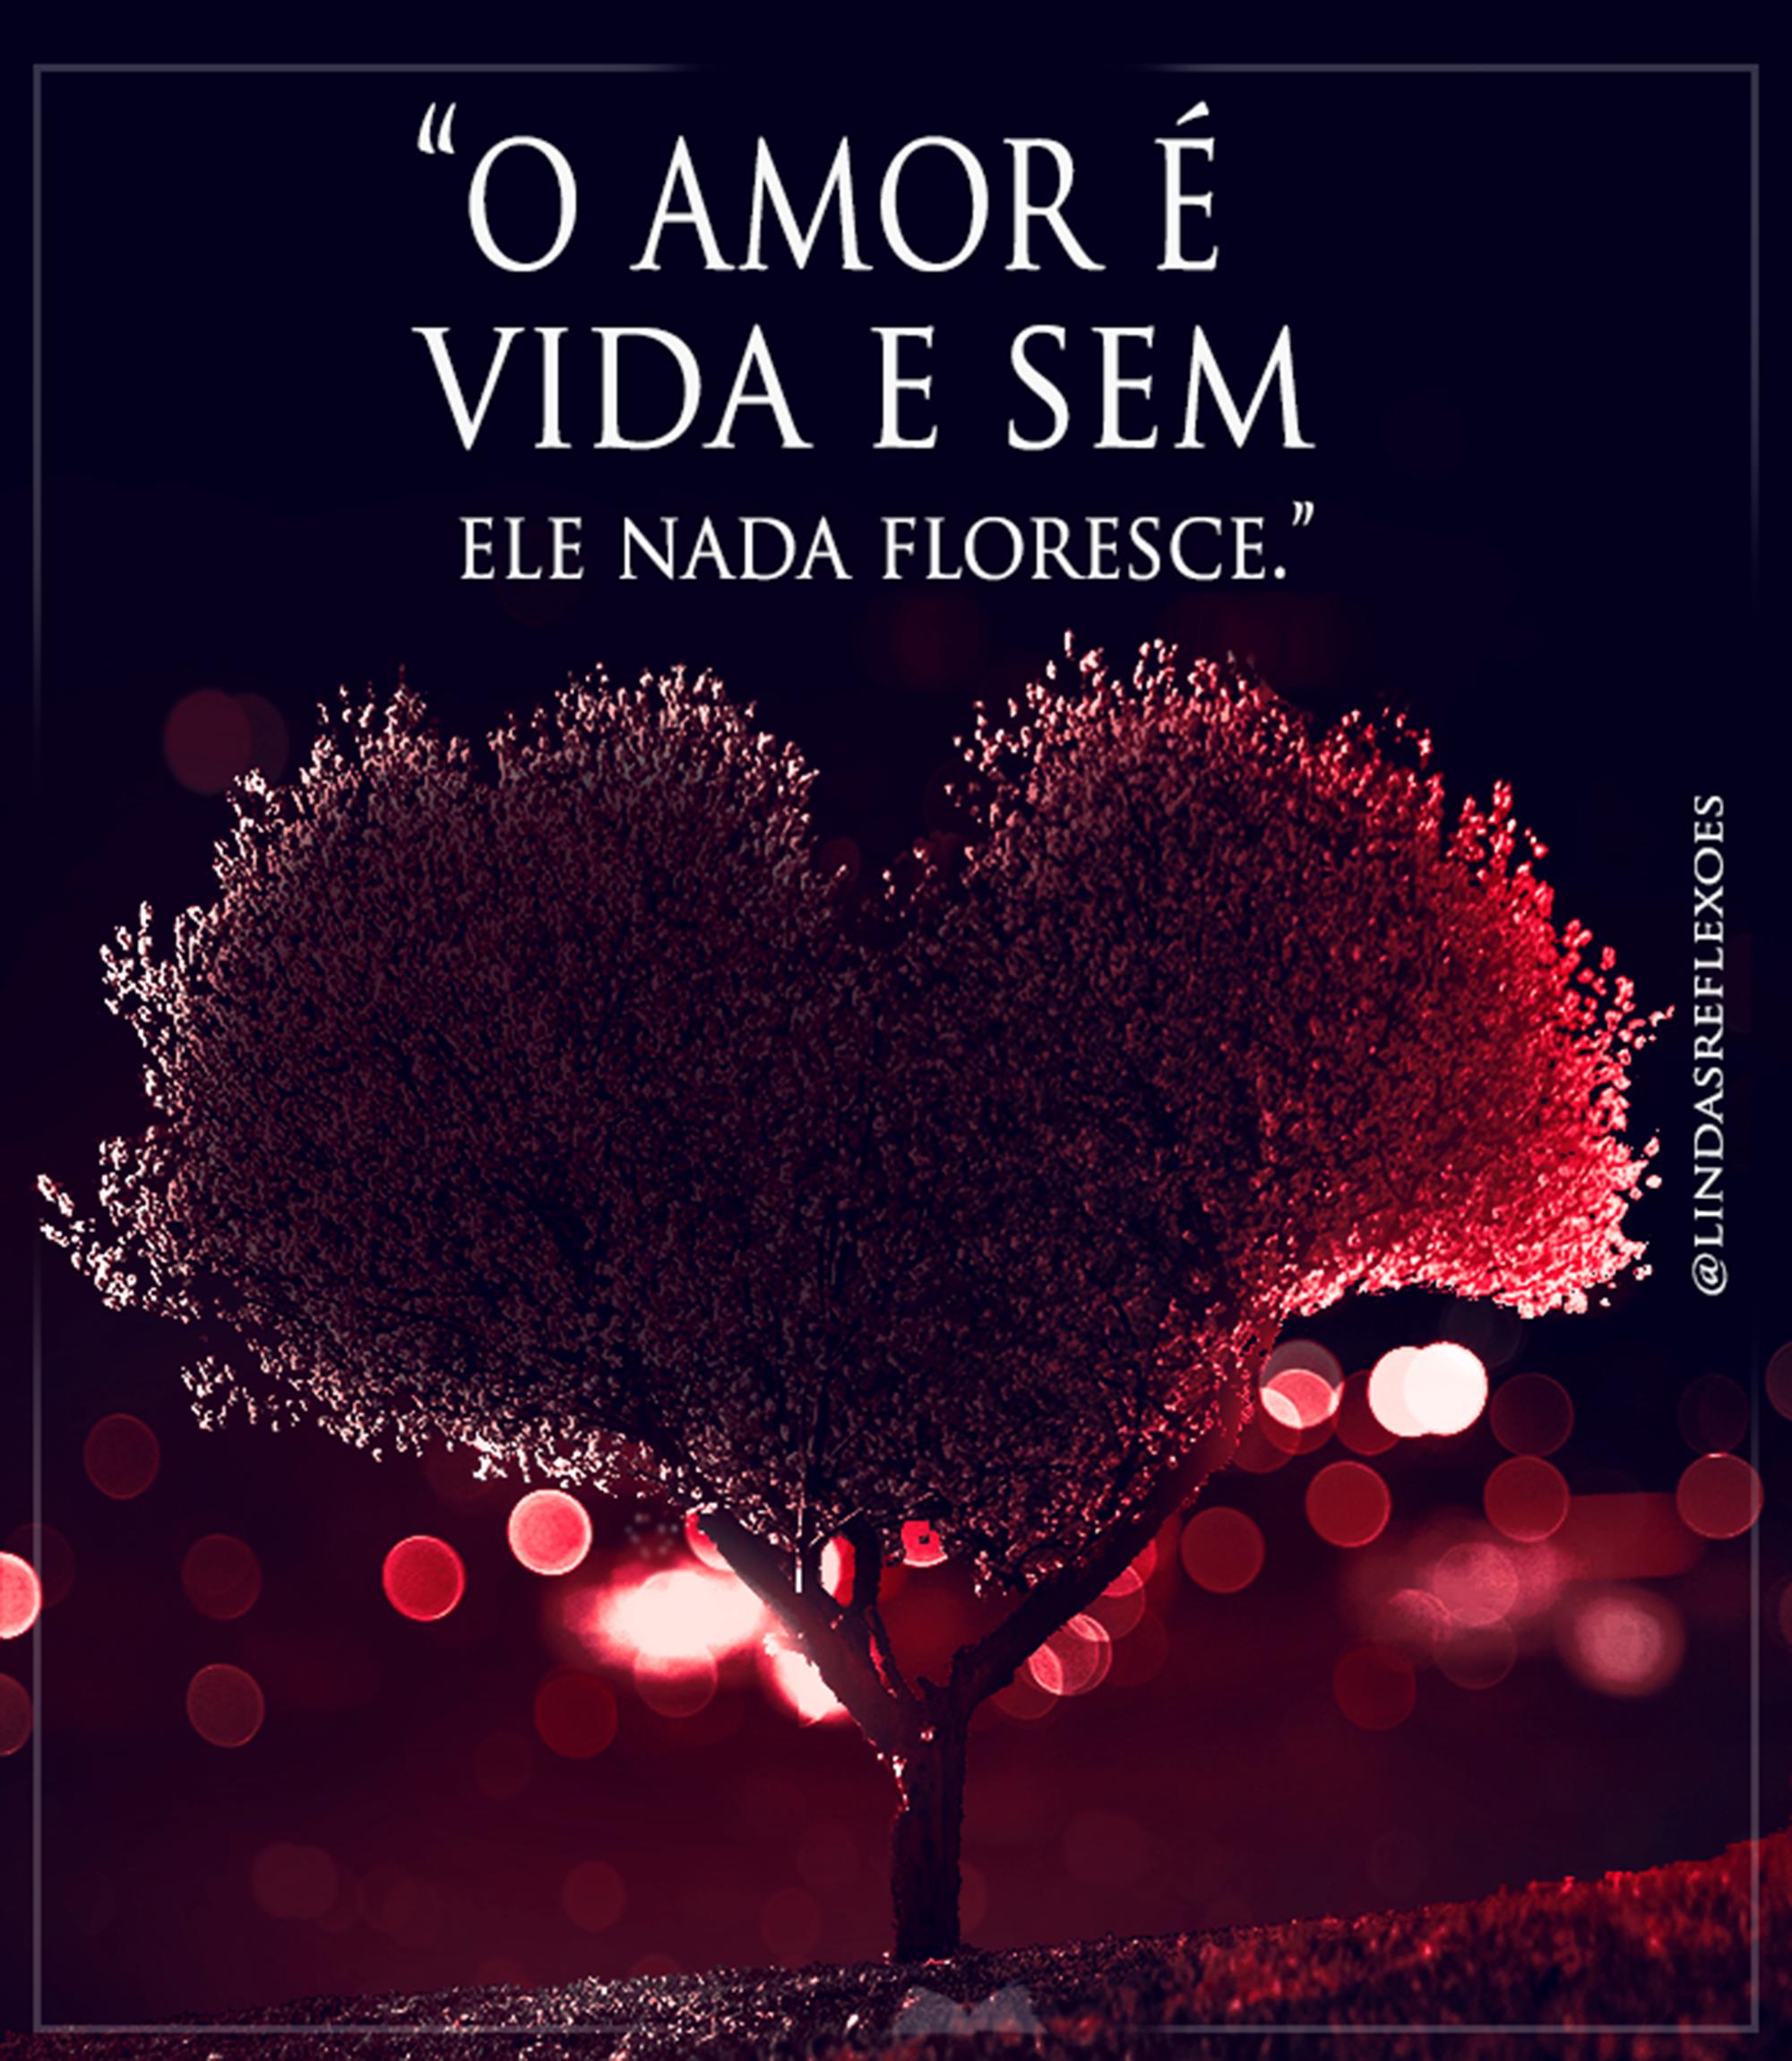 O amor é vida e sem ele nada floresce!